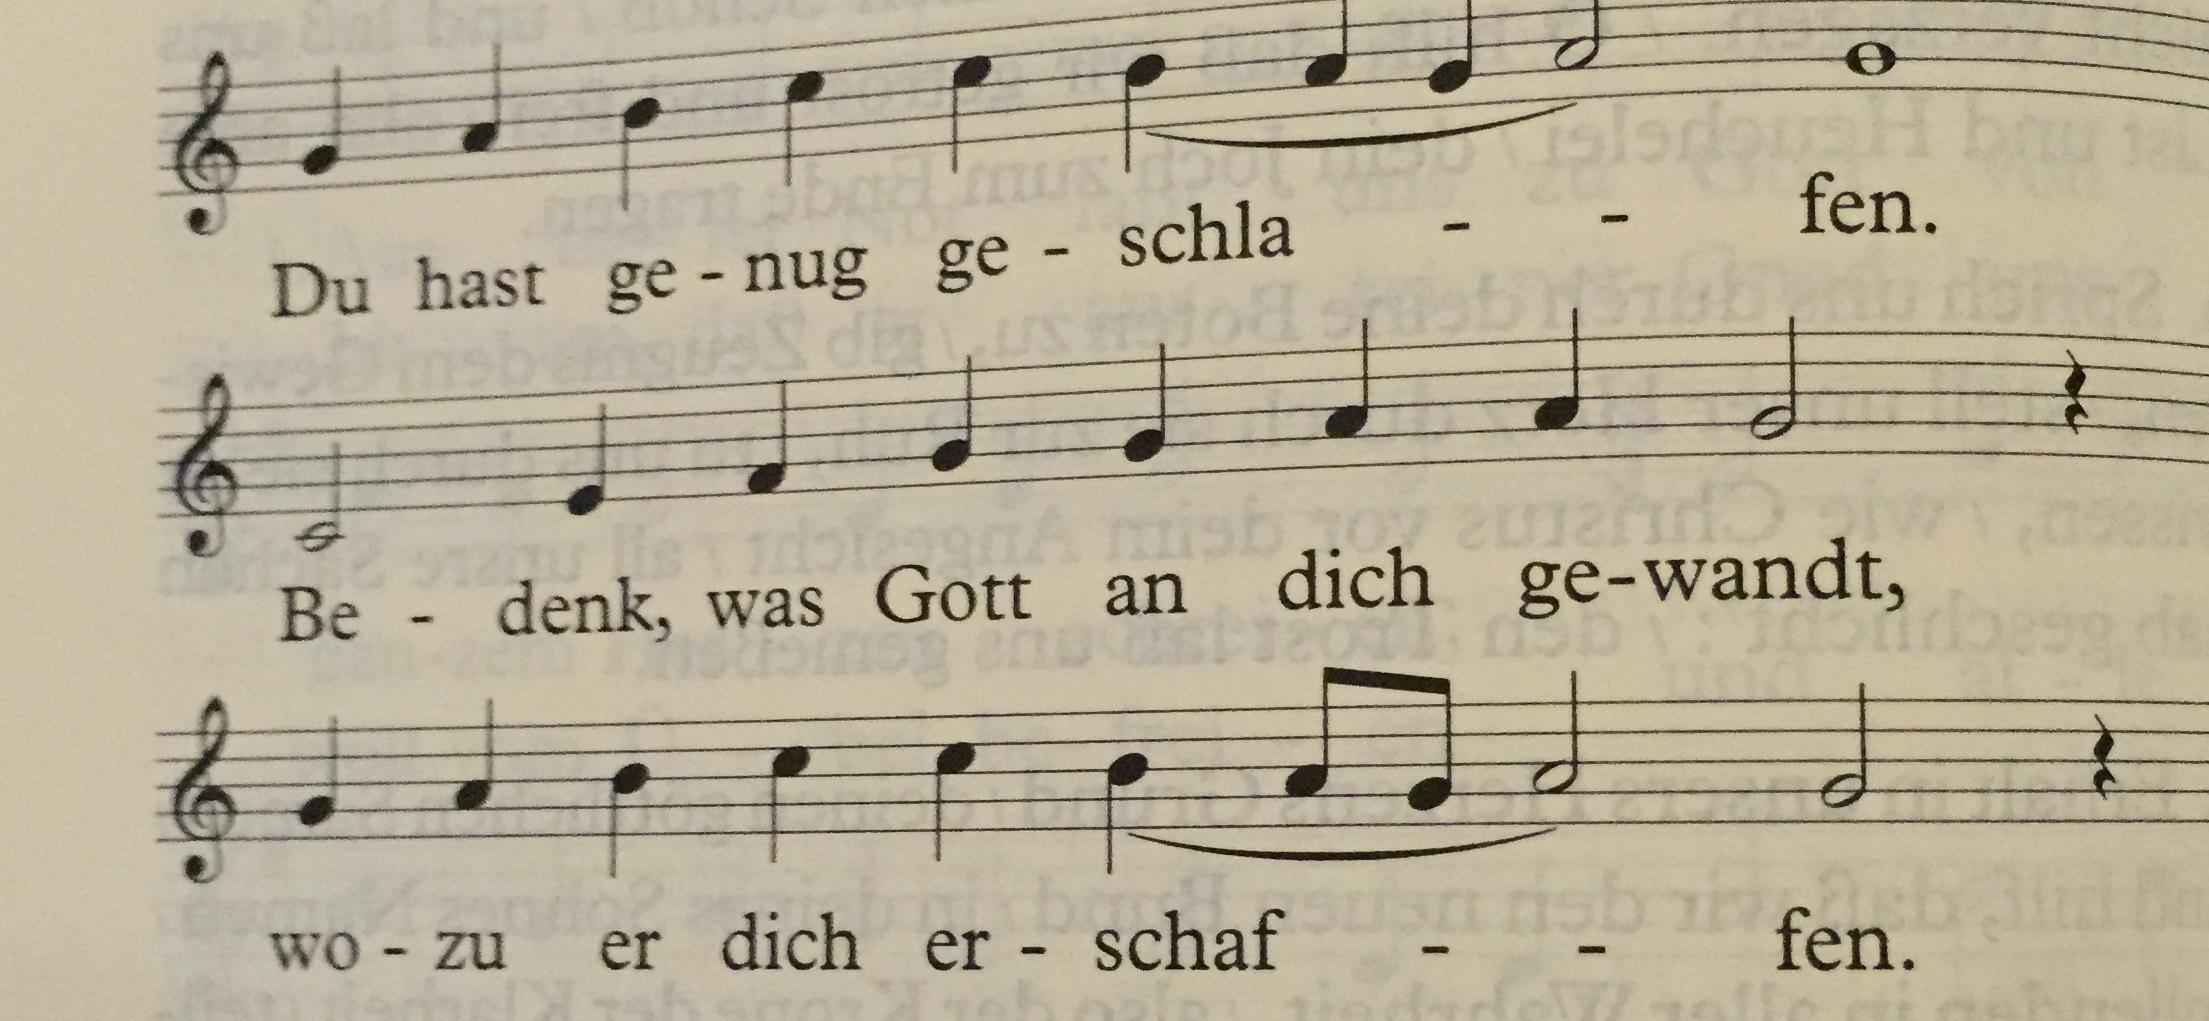 liedblatt